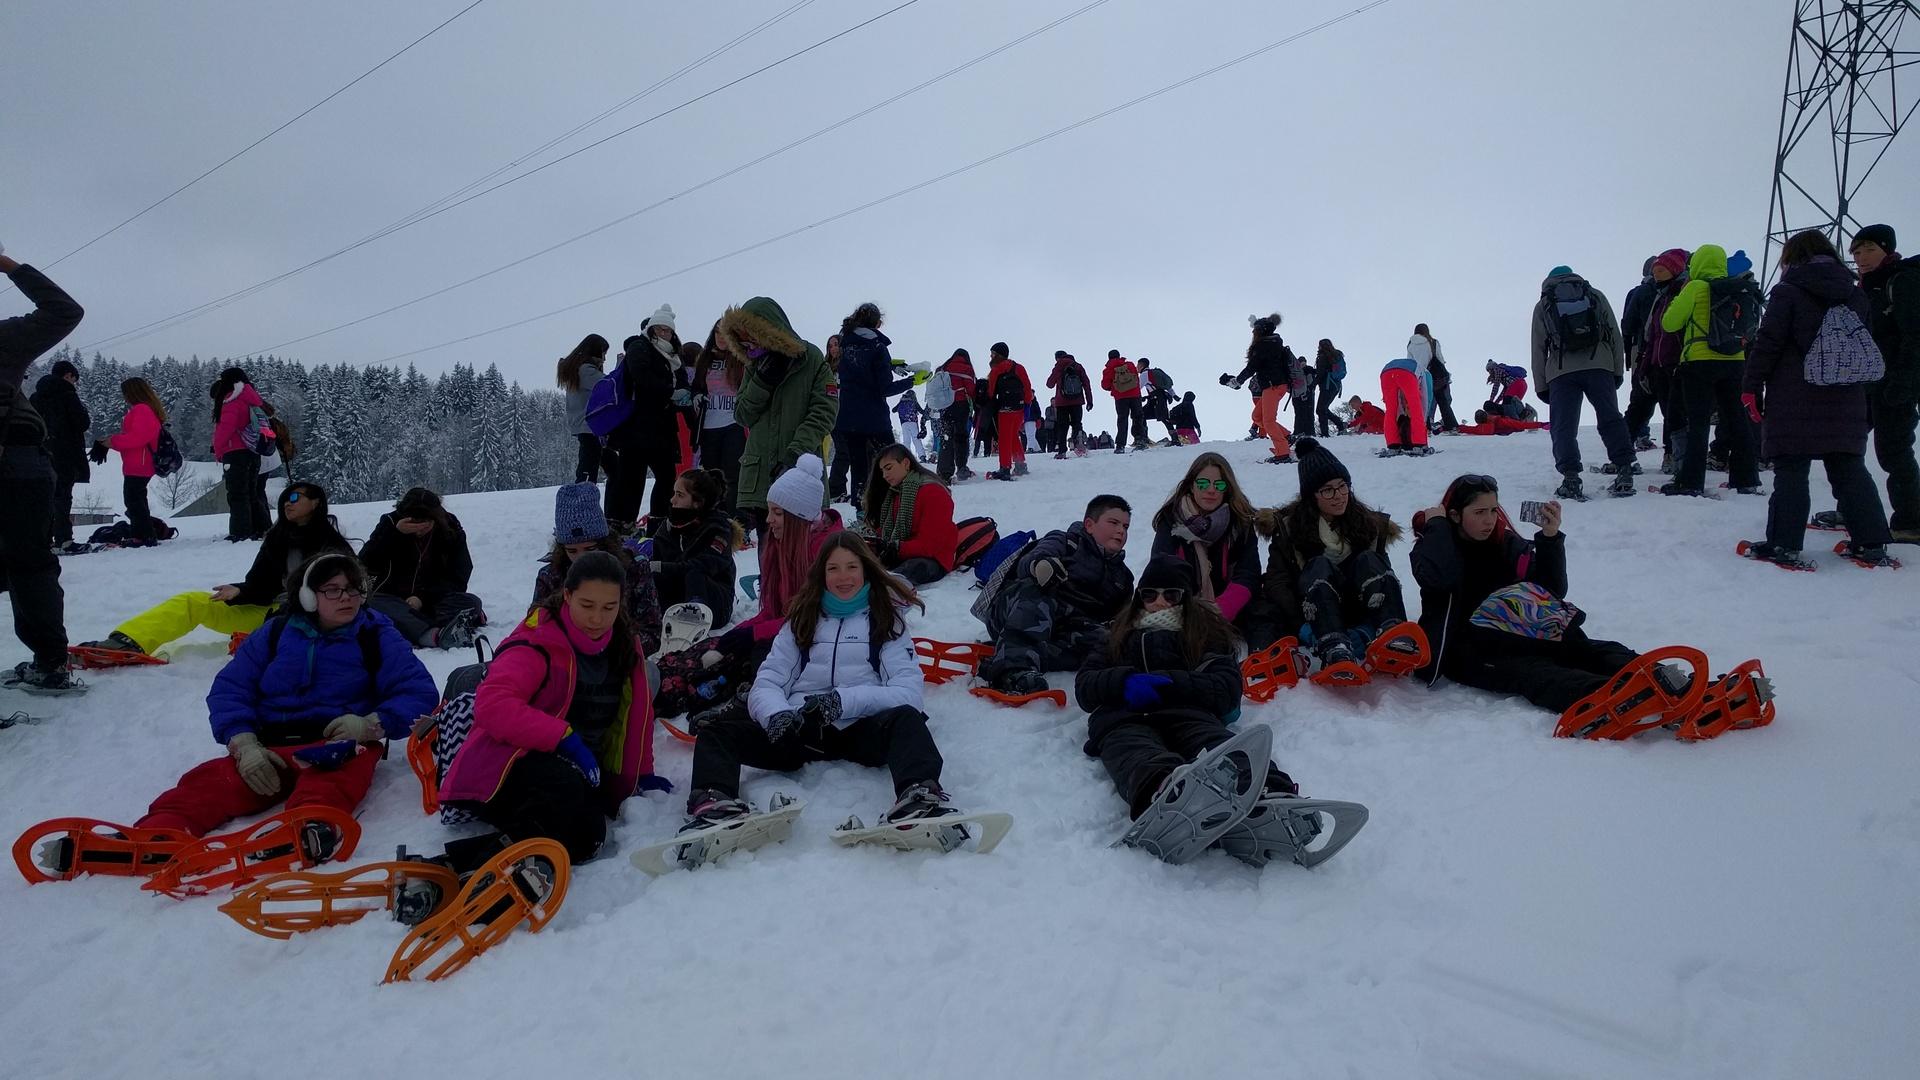 20mar-excursin-con-raquetas-de-nieve-con-los-franceses-en-el-plateau-de-retord01